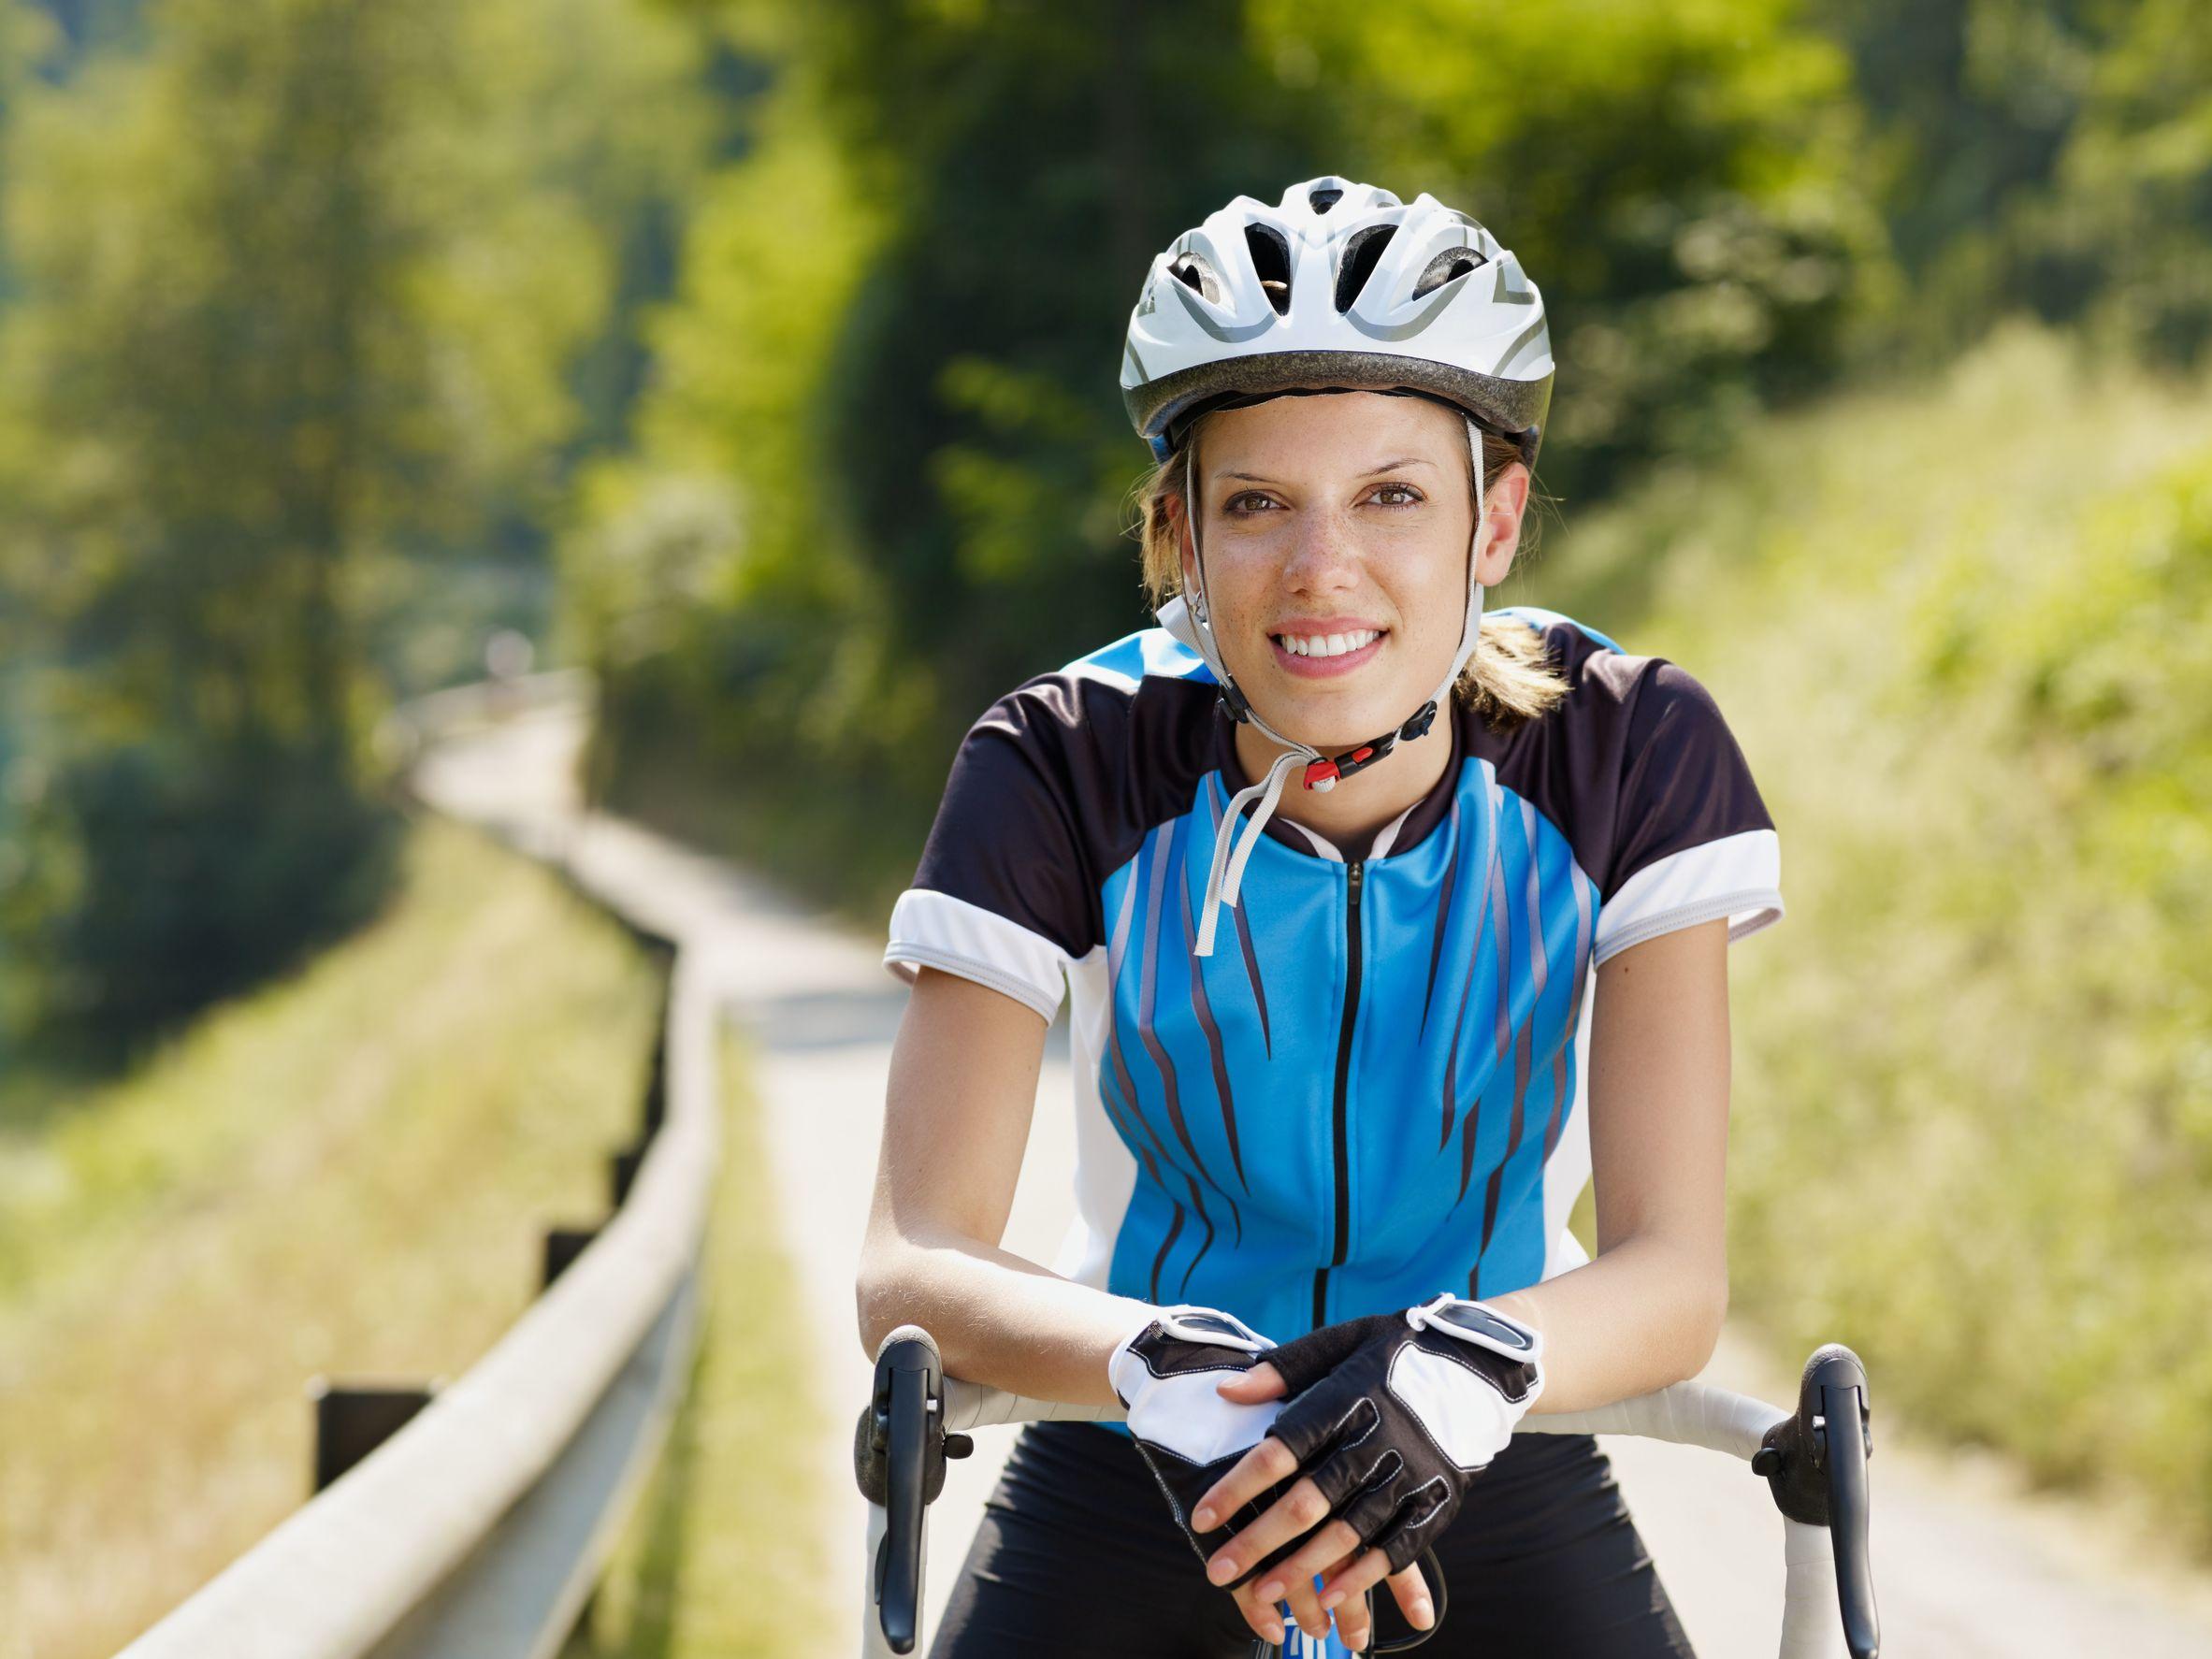 mulher com roupa de ciclismo